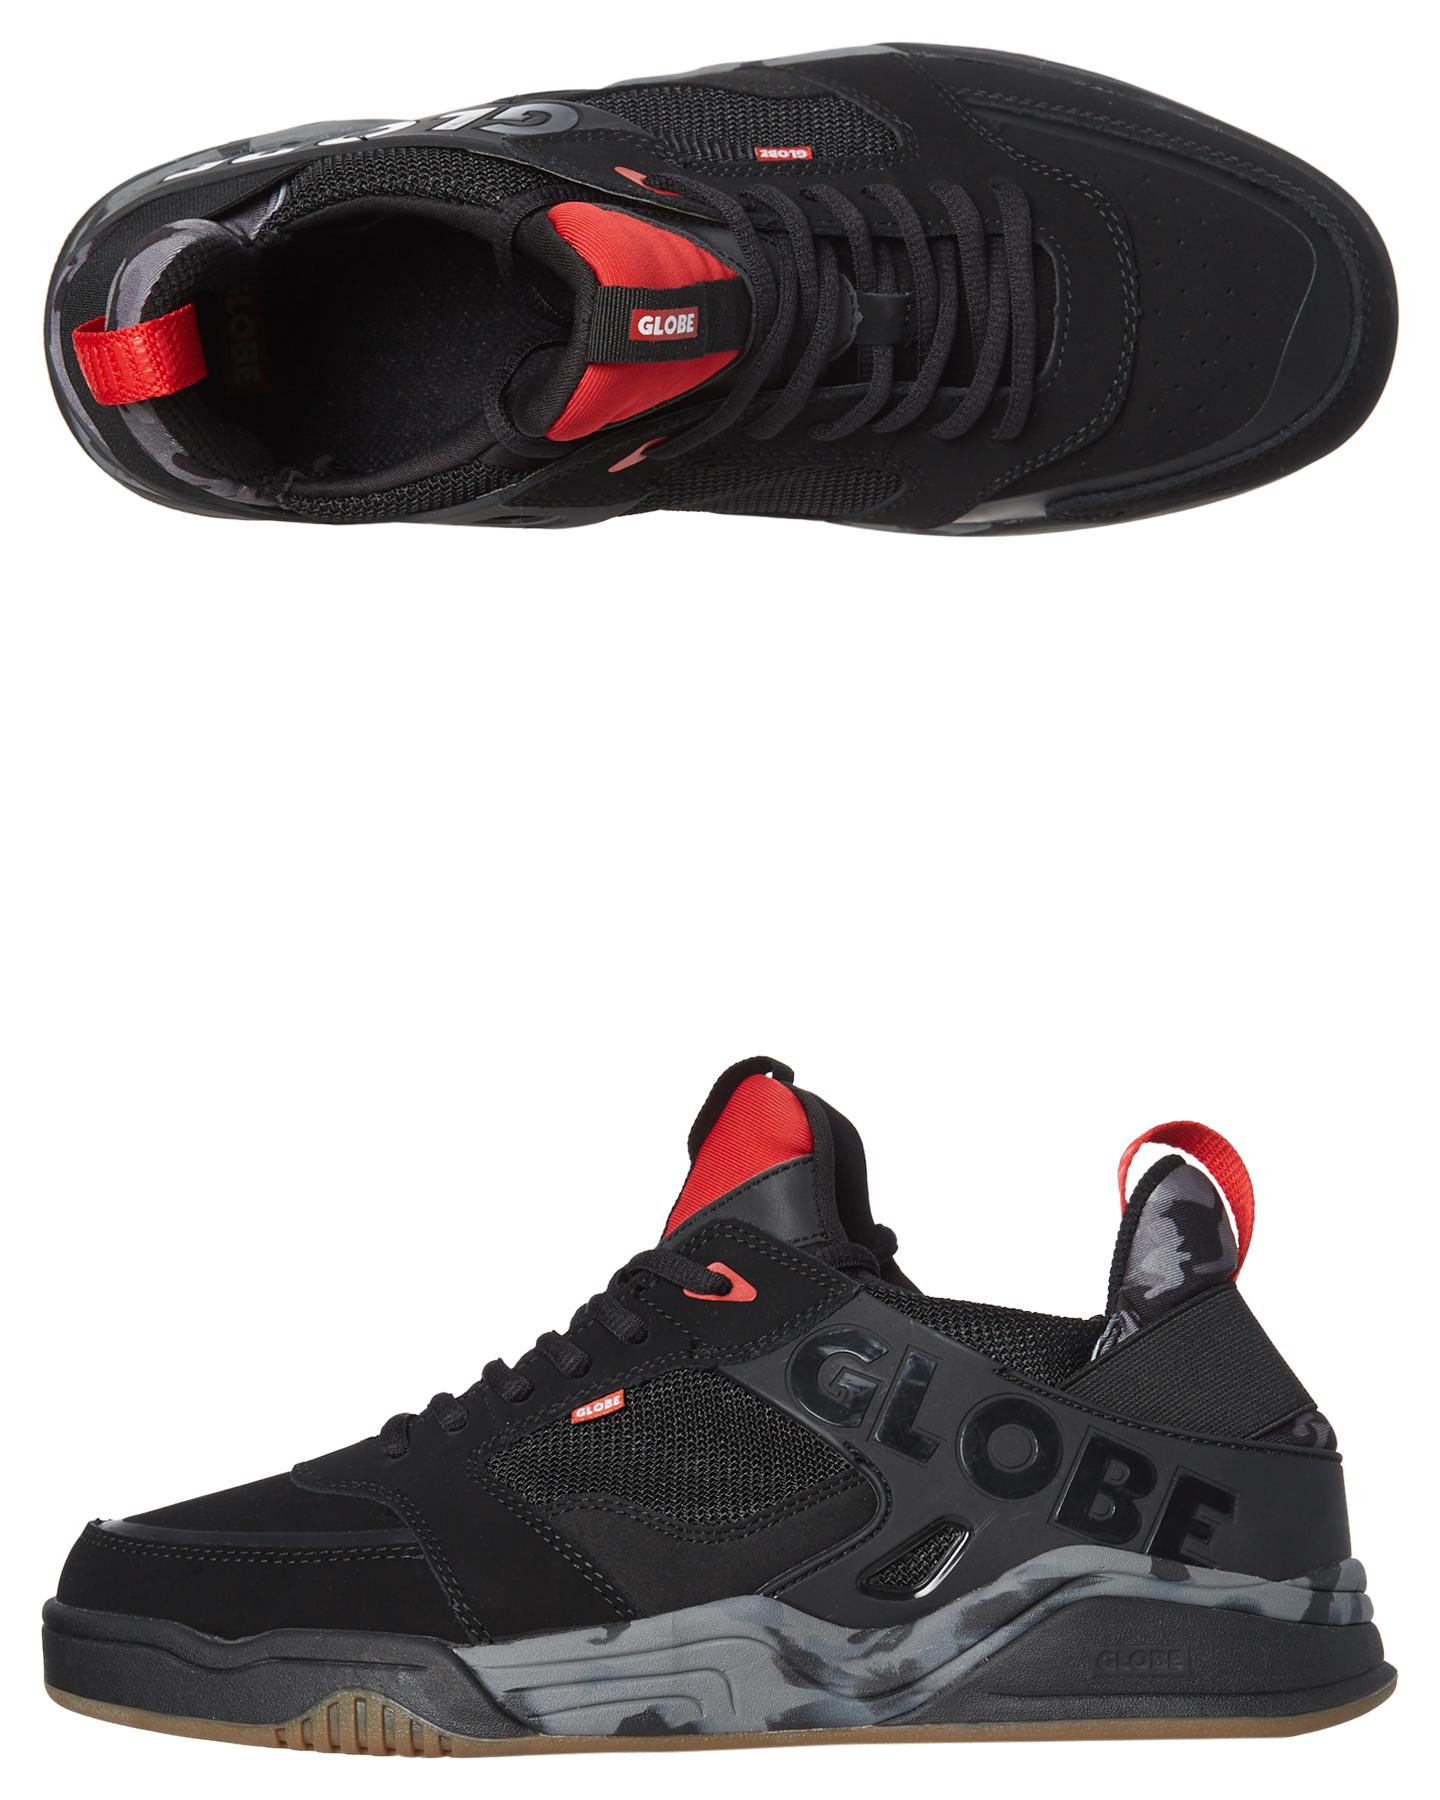 4c20825ccdac Globe Tilt Evo Shoe - Black Red Camo